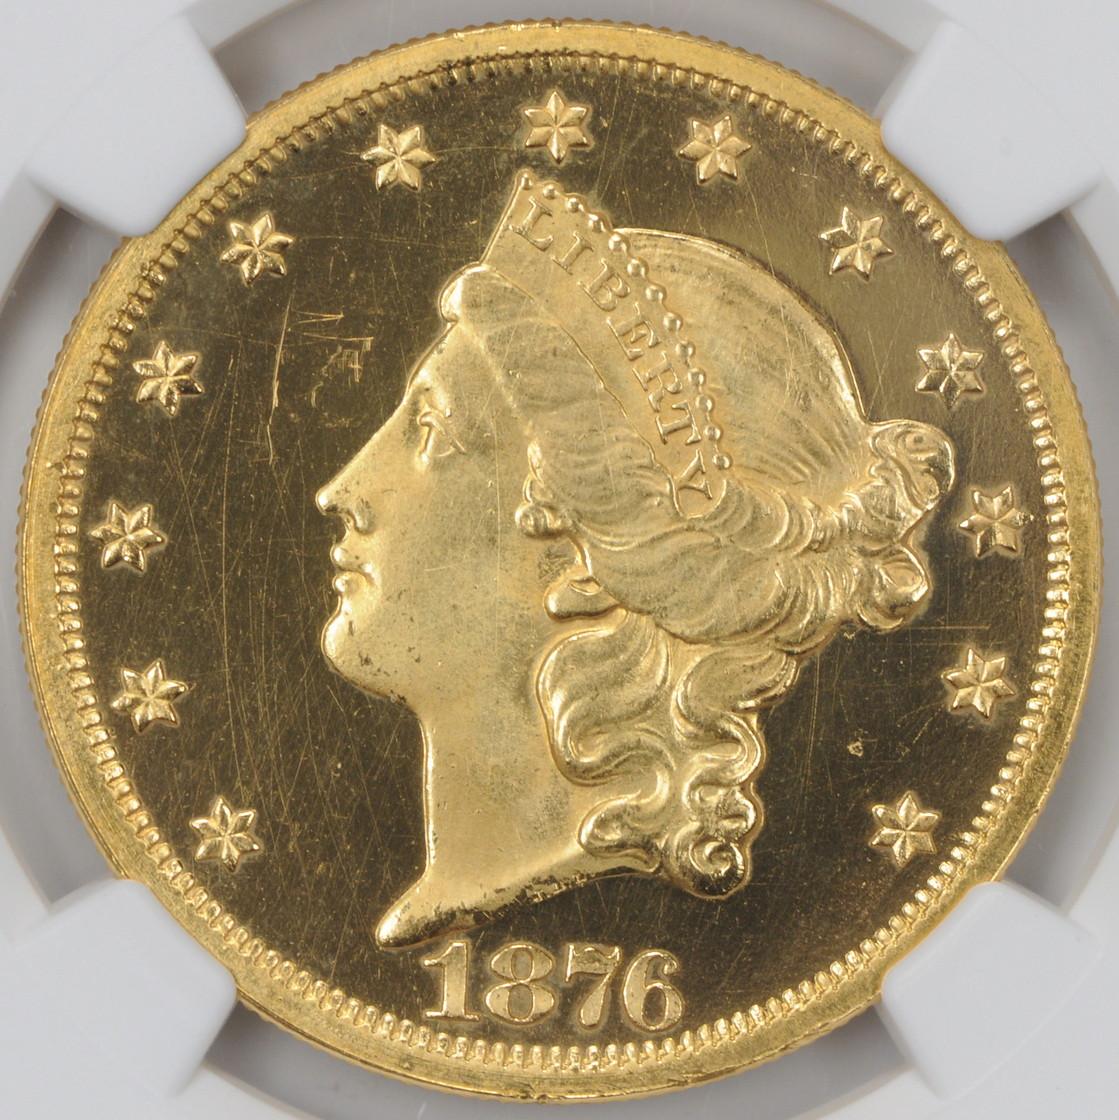 アンティークコイン アメリカ 20ドル金貨リバティヘッド1876 $20 Liberty Head Double EaglePF65UCAM NGC